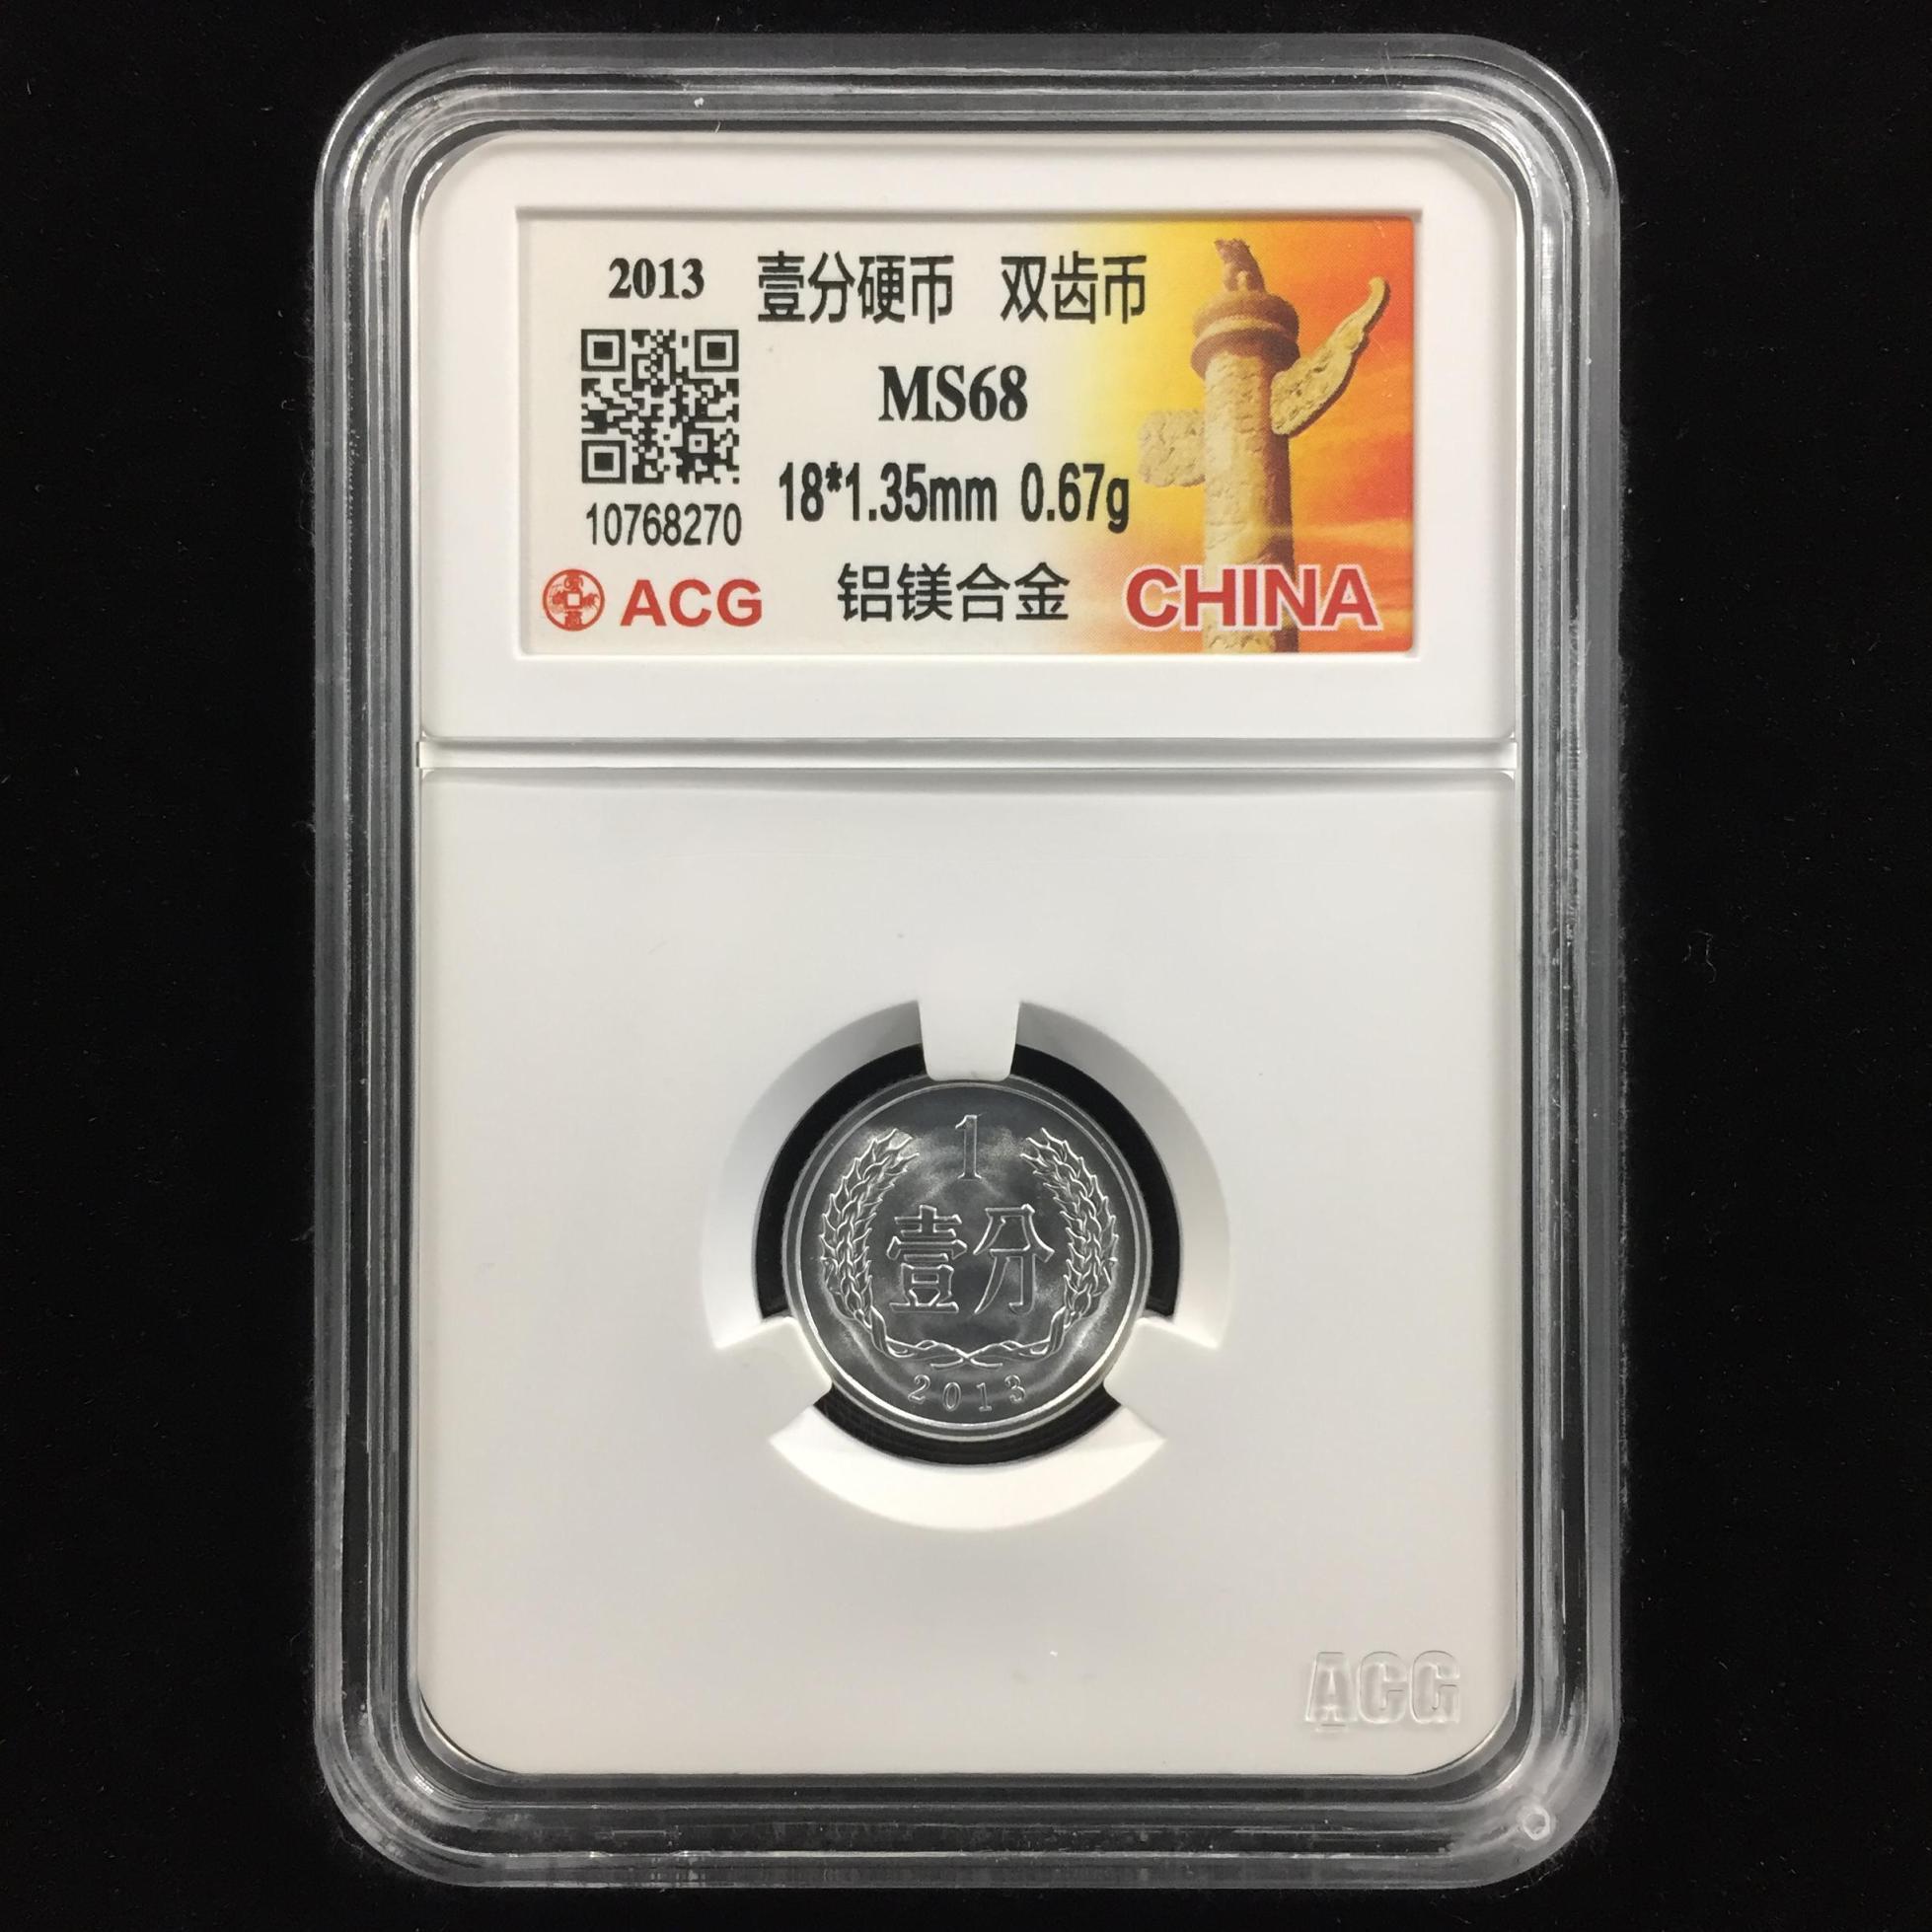 双齿币→2013年1分硬币→ACG鉴定证书-10768270